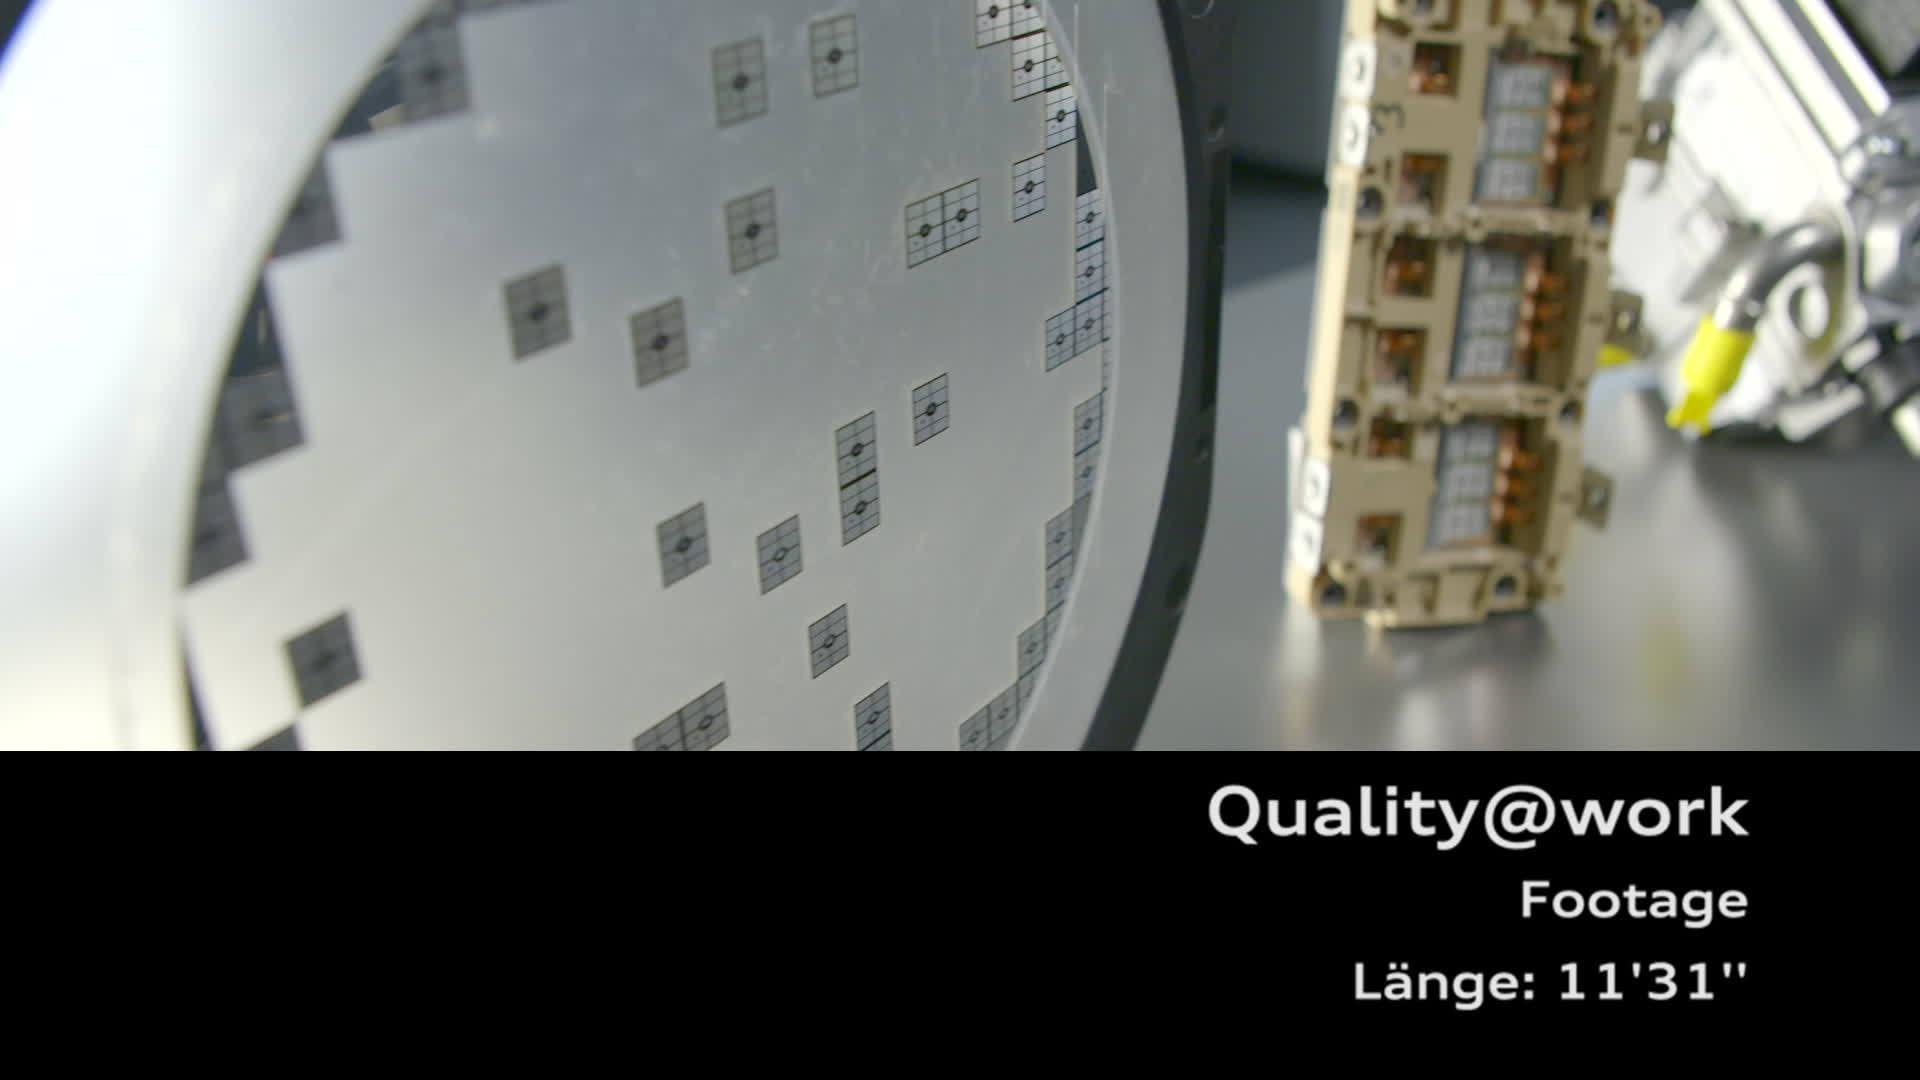 Footage Qualitätssicherung